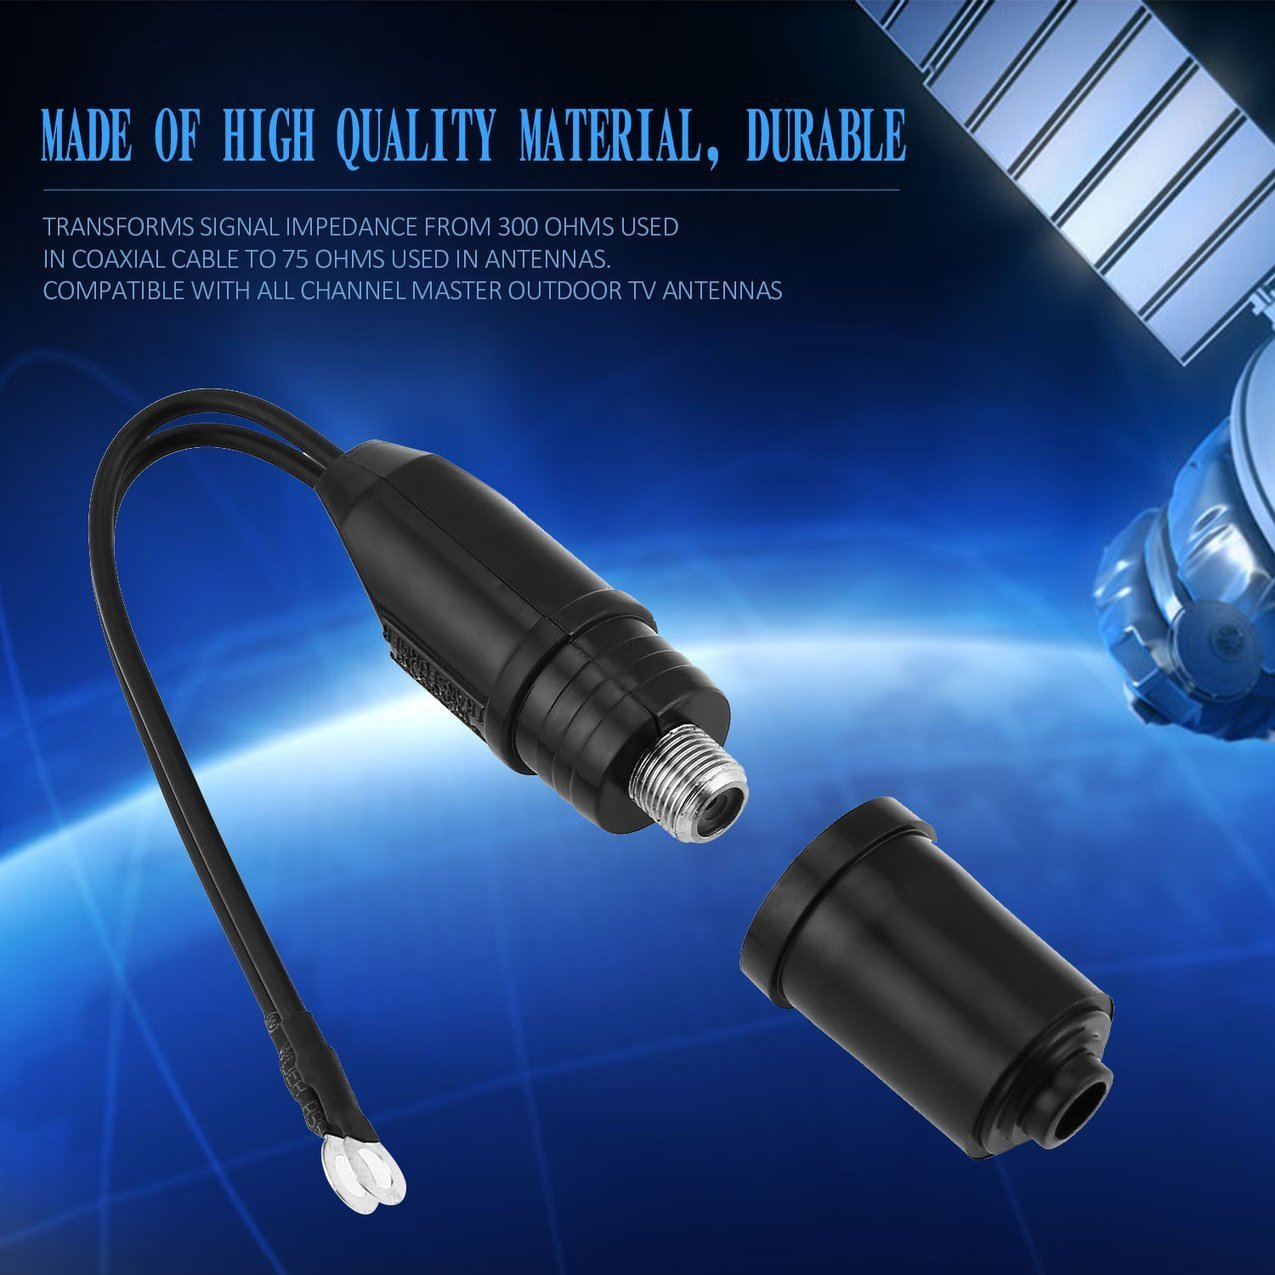 1 unids 18 cm Antena de TV 300 a 75 Ohm Cable Coaxial Que Hace Juego el Transformador UHF/VHF / FM Modelo 300 a 75 Ohm TV Converter: Amazon.es: Electrónica